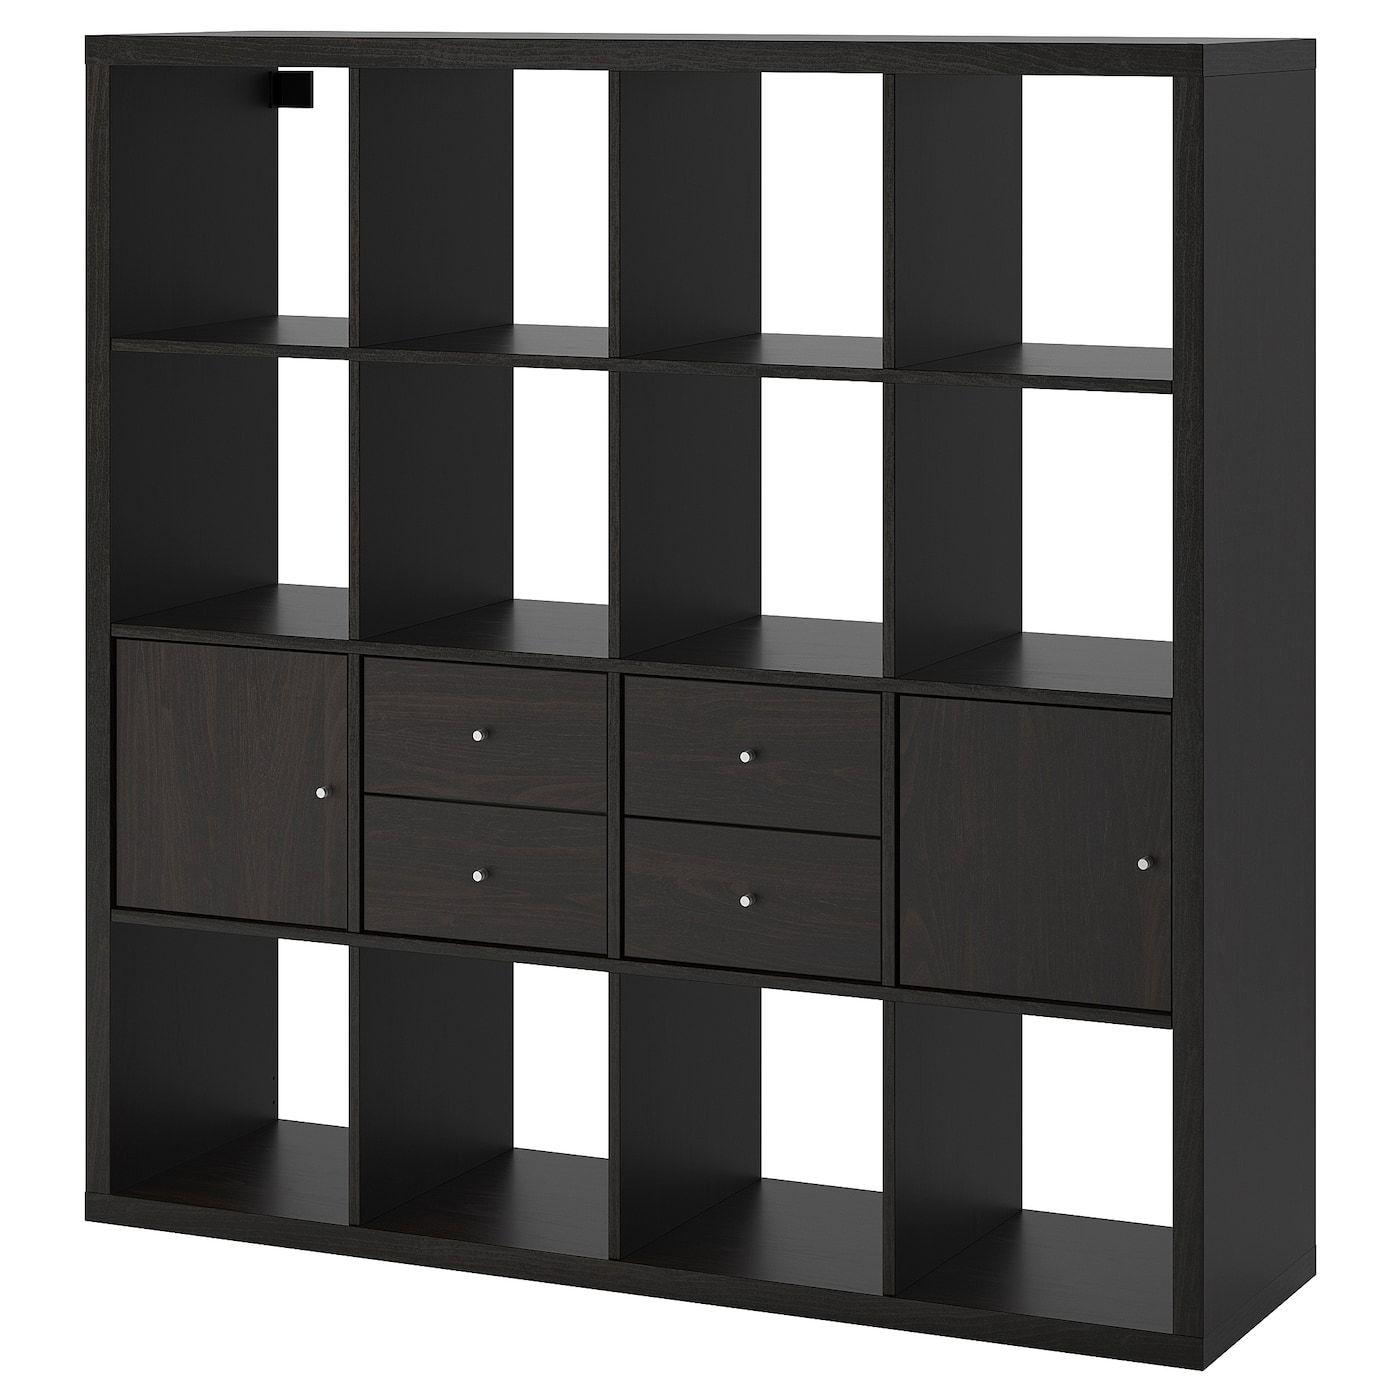 Kallax Regal Mit 4 Einsatzen Schwarzbraun Ikea Osterreich